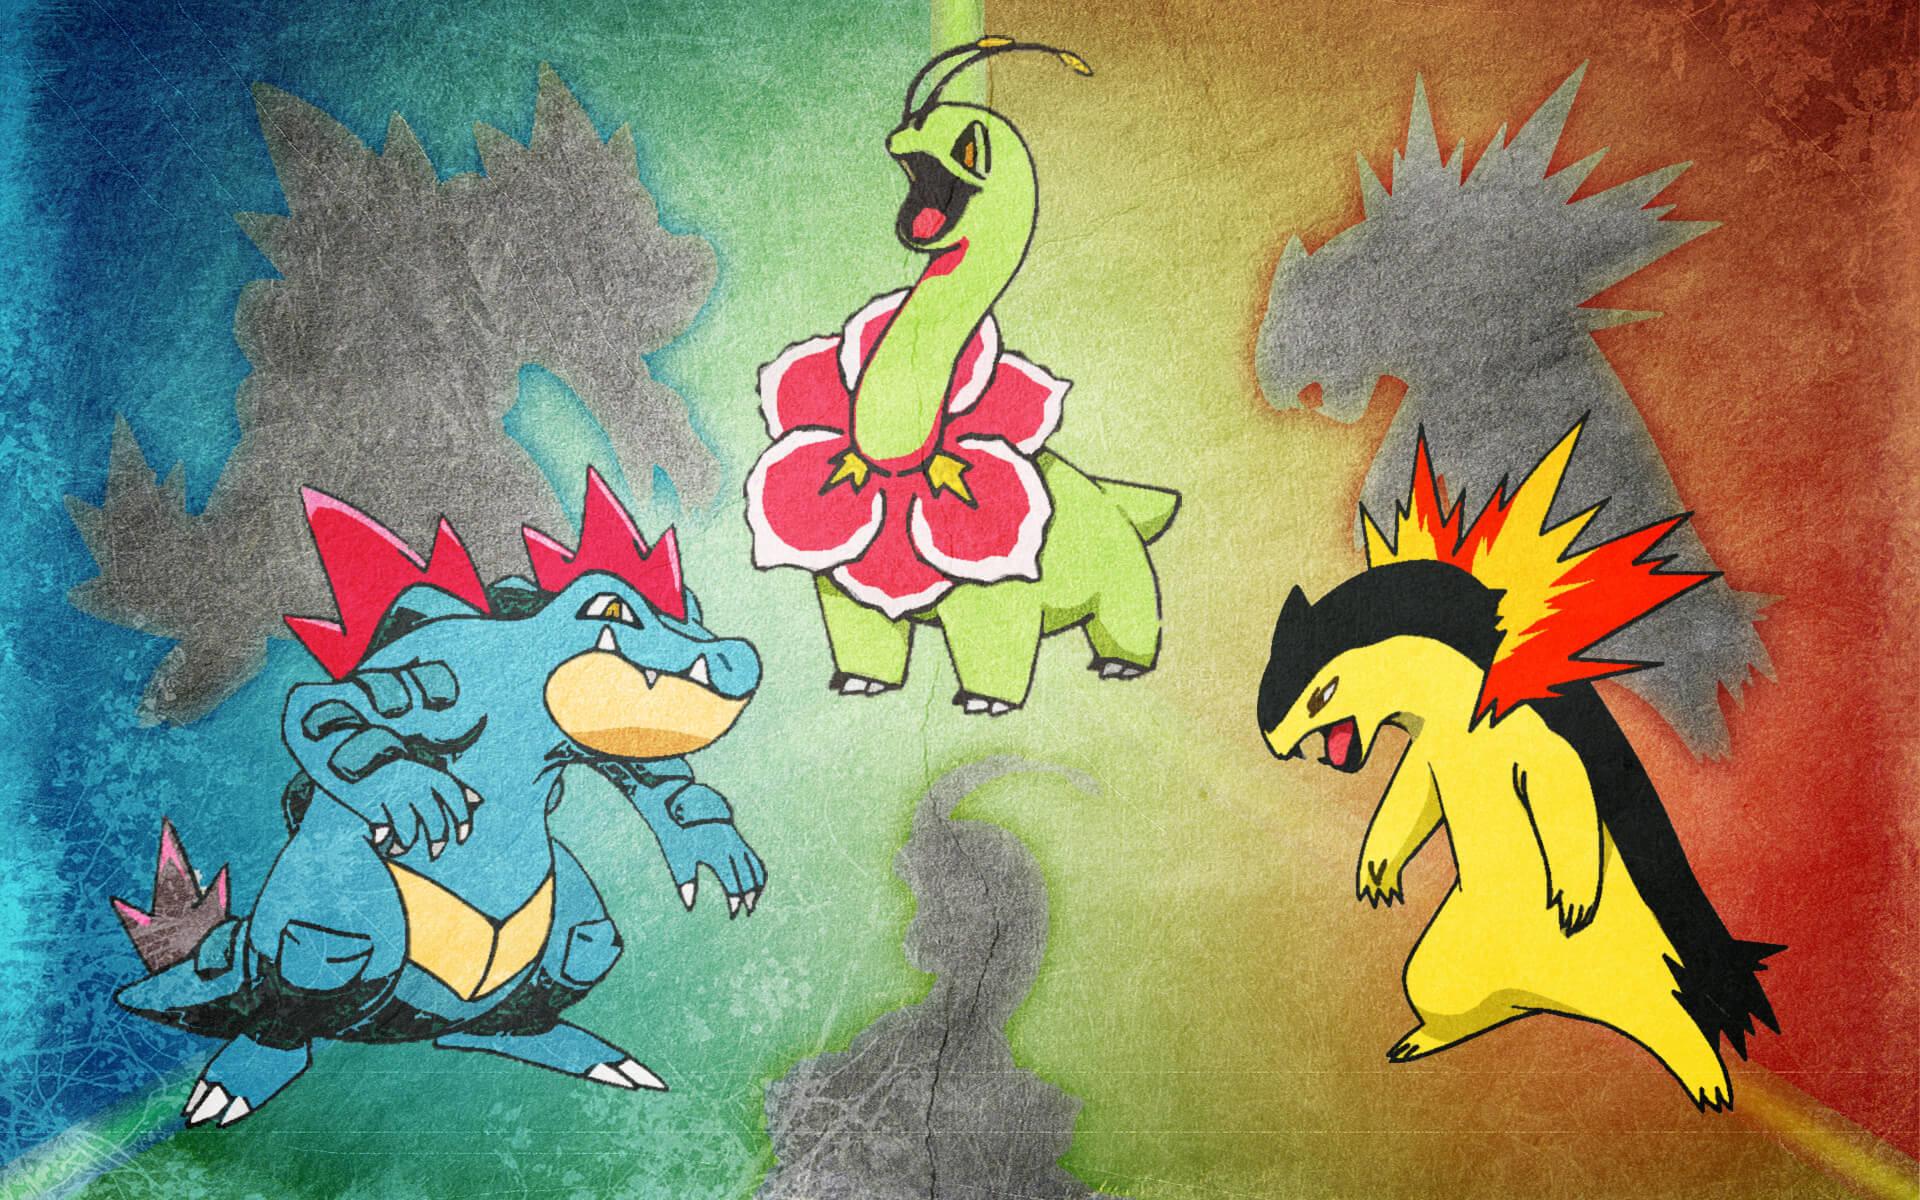 Pokemon Typhlosion Feraligatr Meganium Wallpaper | Wallpaper for Mobile